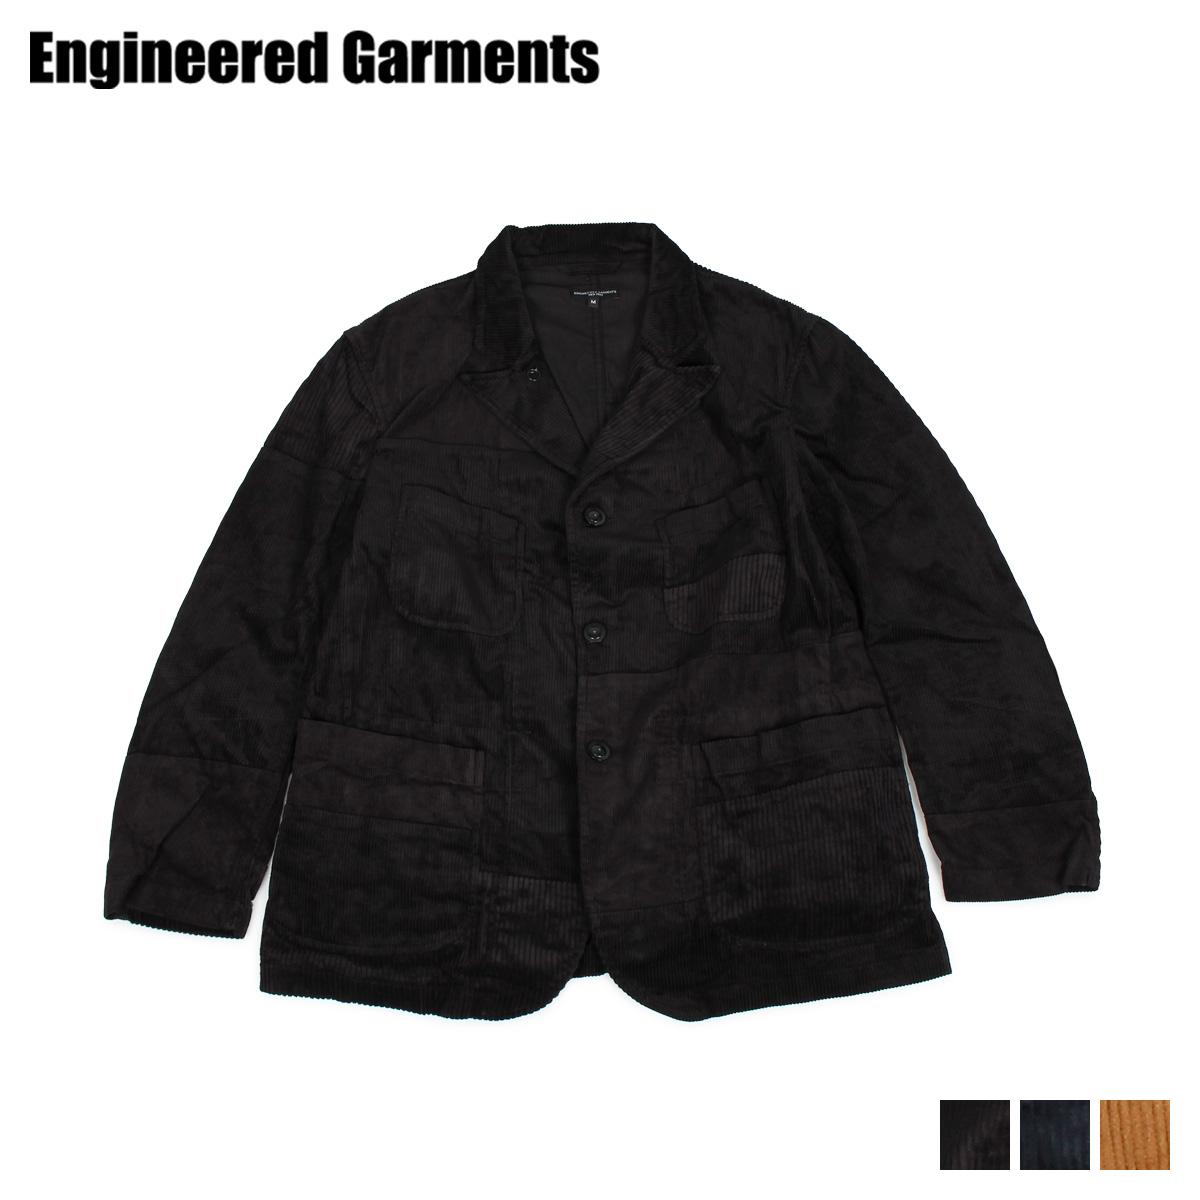 【最大2000円OFFクーポン】 エンジニアドガーメンツ ENGINEERED GARMENTS ジャケット ベッドフォードジャケット メンズ BEDFORD JACKET ブラック ネイビー ブラウン 黒 19FD005